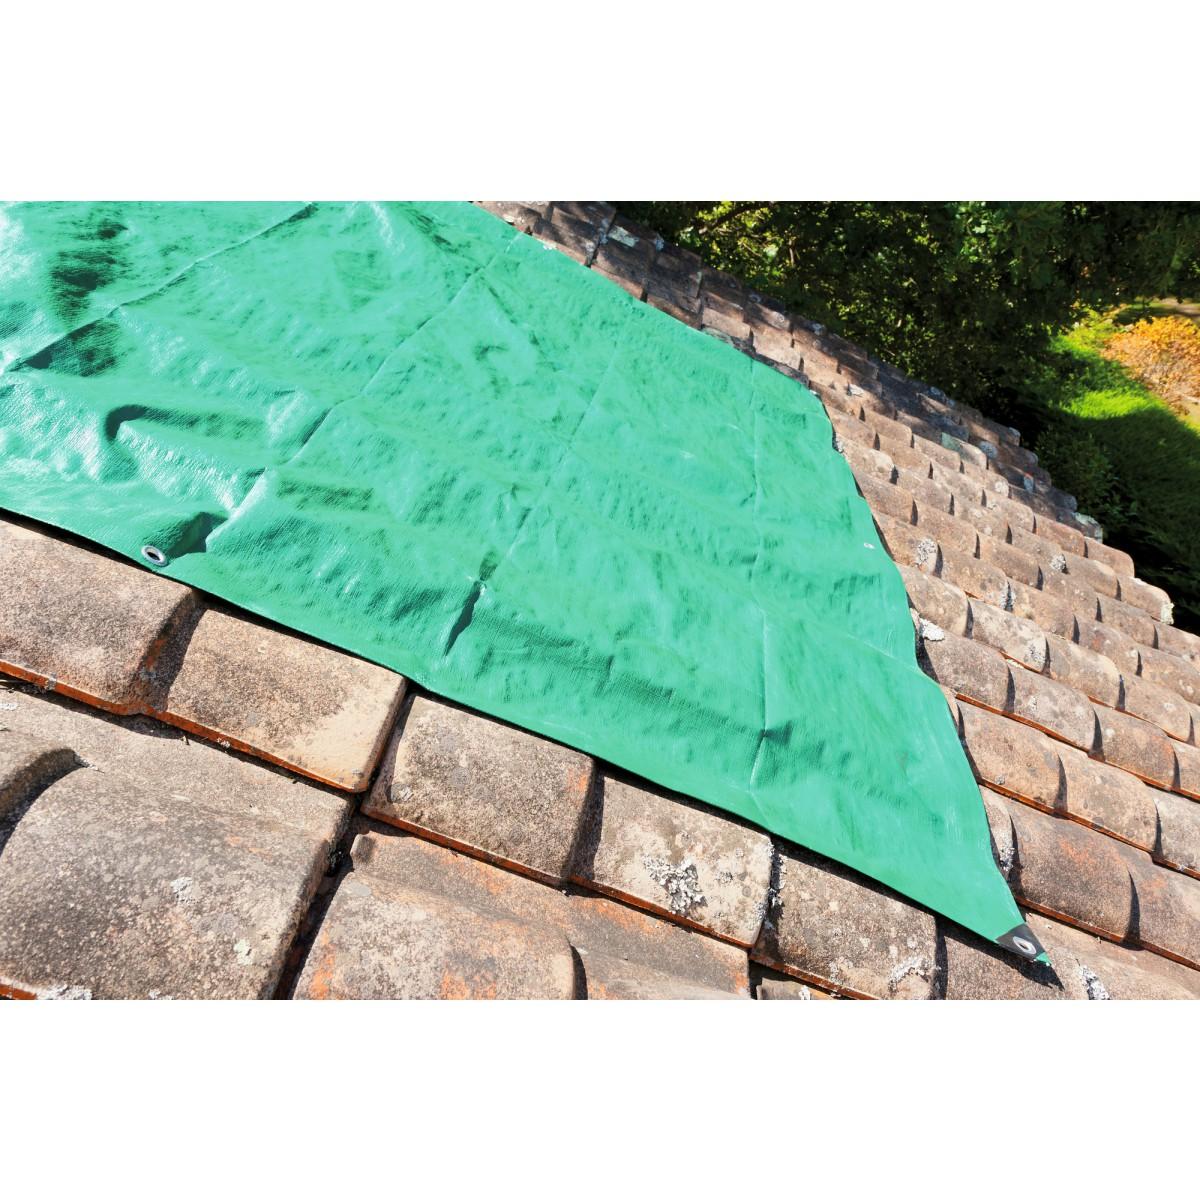 Bâche de protection pro Cap Vert - Dimensions 8 x 12 m